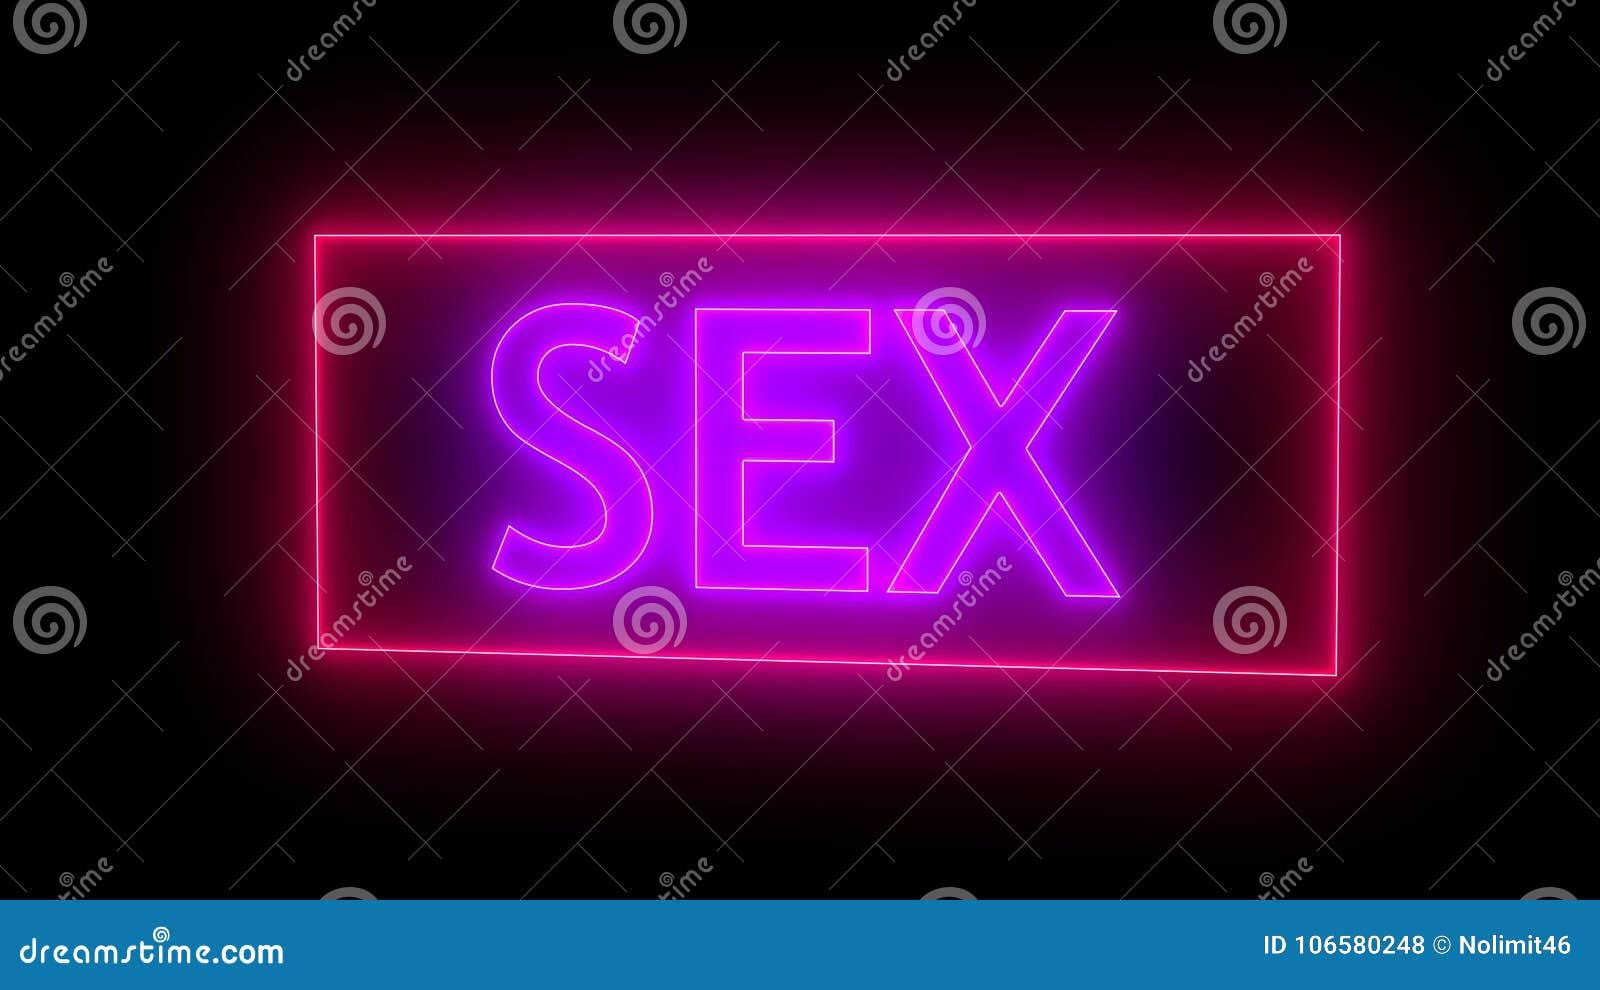 3d rendered sex photos 427